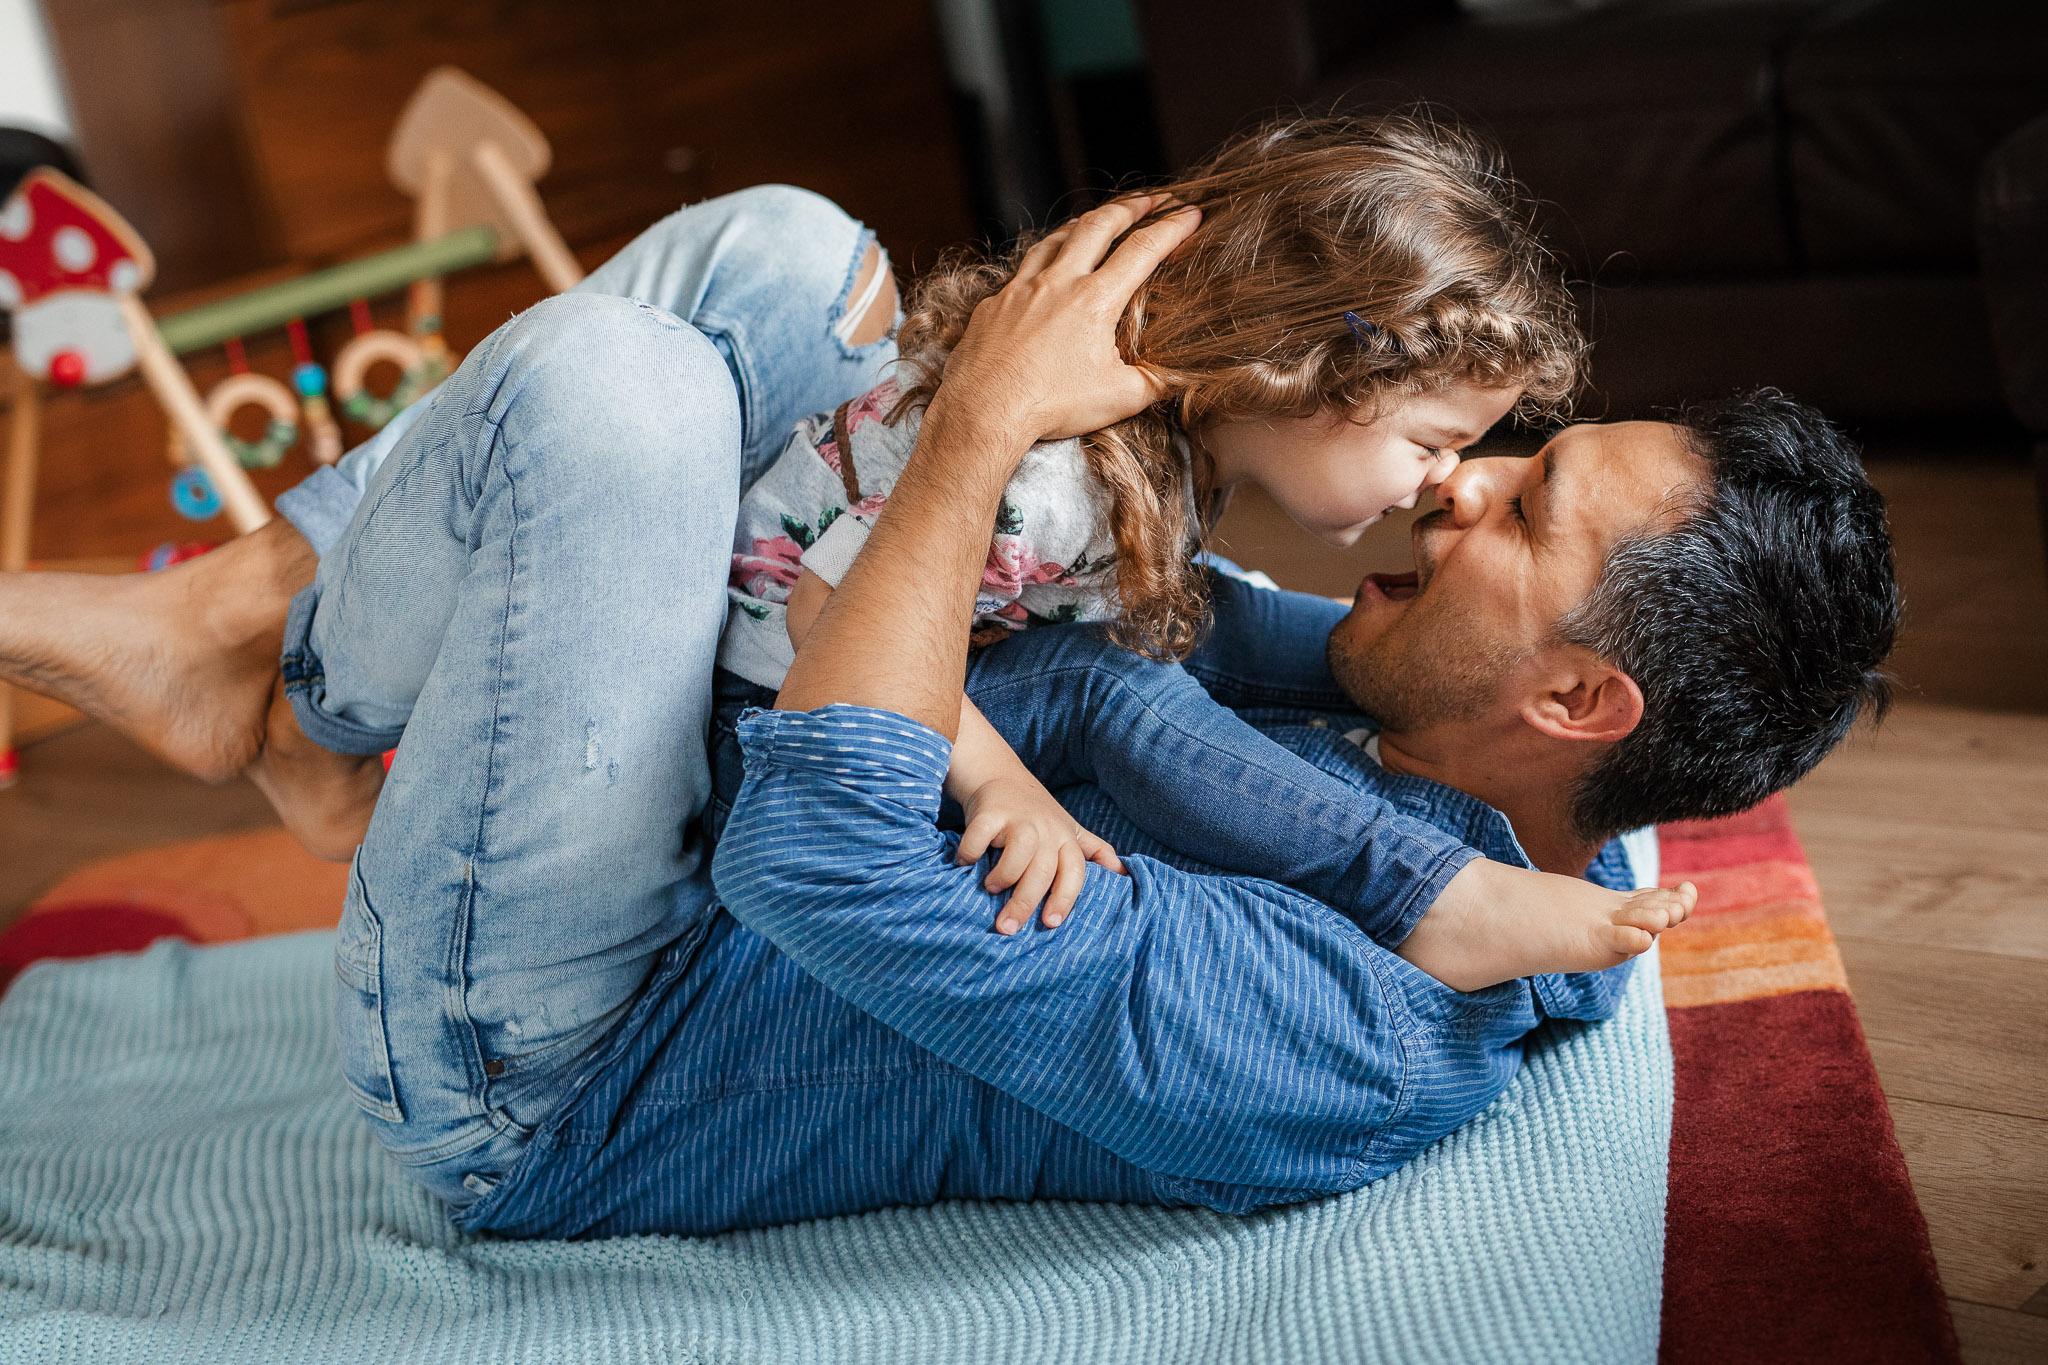 Familienfotos Worms: Homestory mit Diego, Elke und den Kids 7